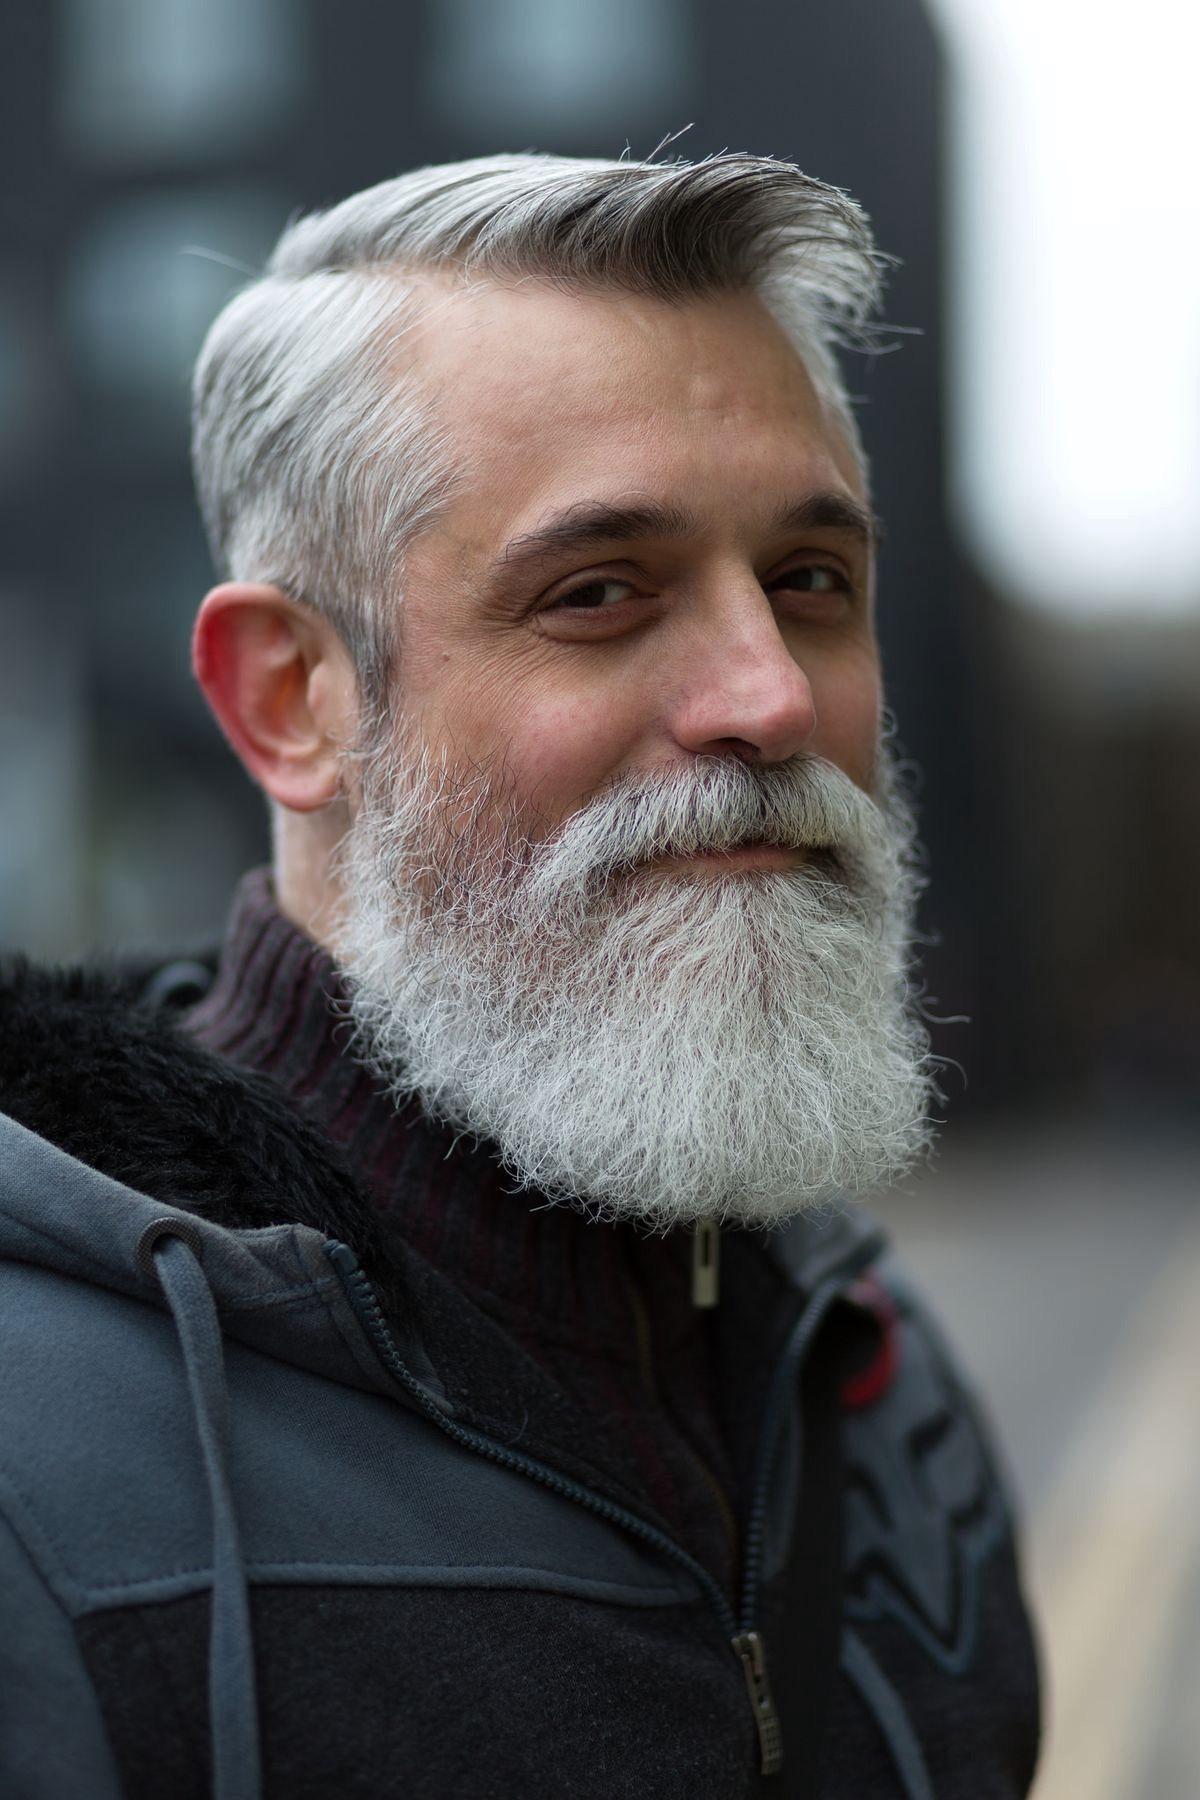 Haircut for men no beard pin by veeraraghavan mudumbai on beards in   pinterest  beard